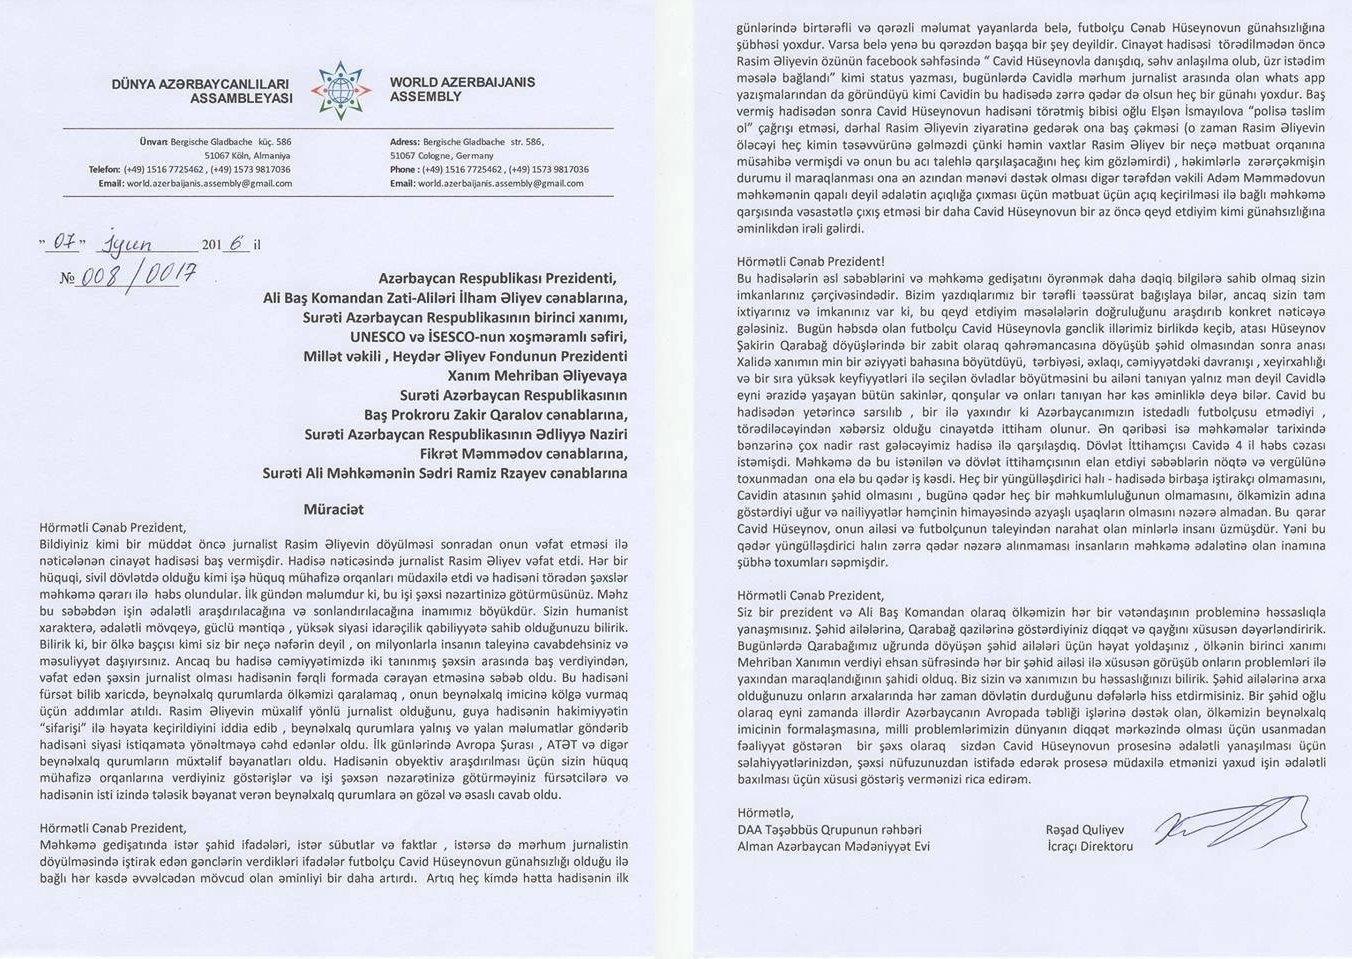 Dünya Azərbaycanlıları Assambleyasının Prezident İlham Əliyevə müraciətinin mətni